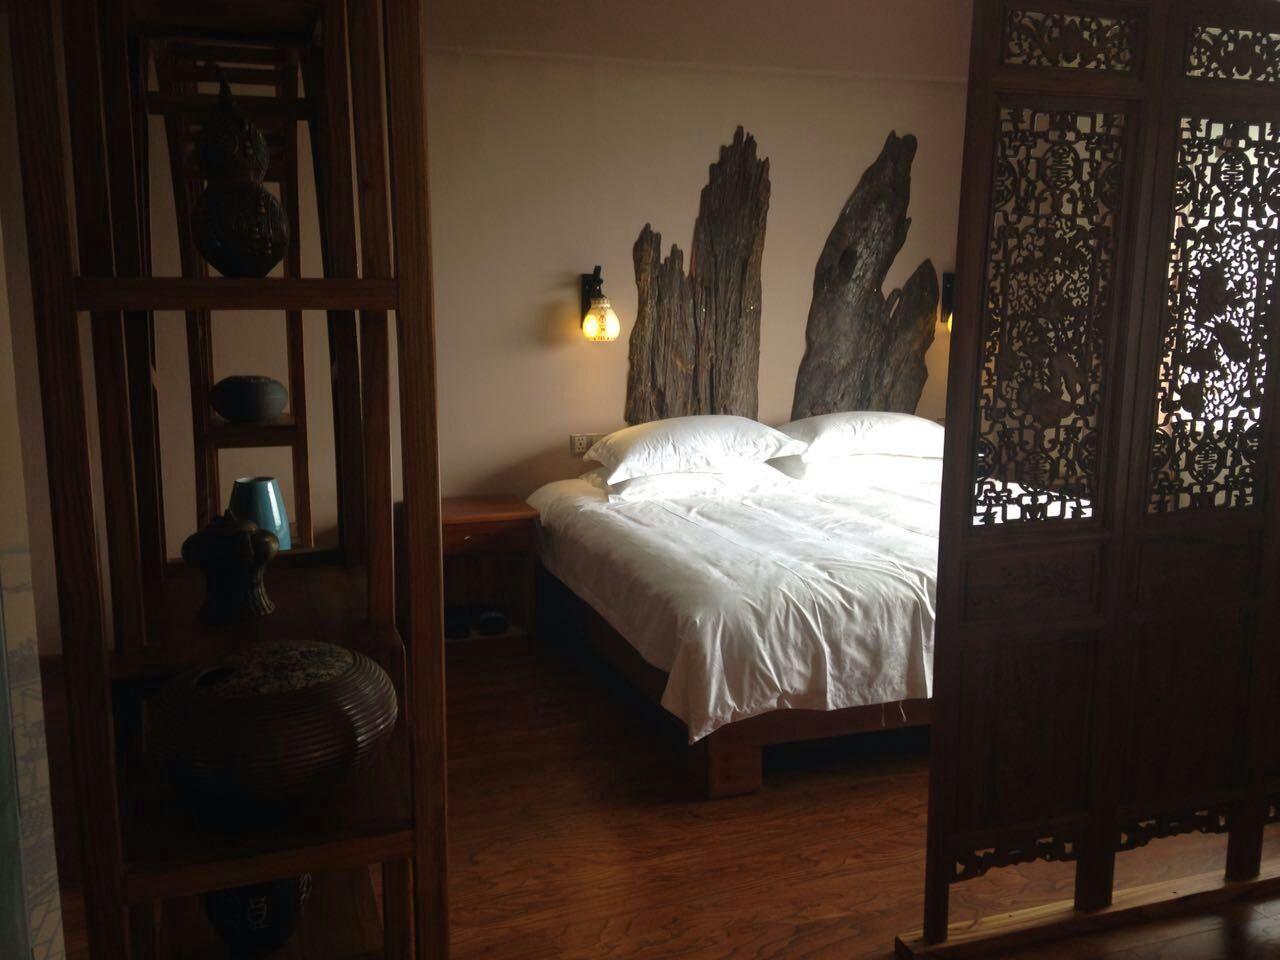 Inside_A_Room